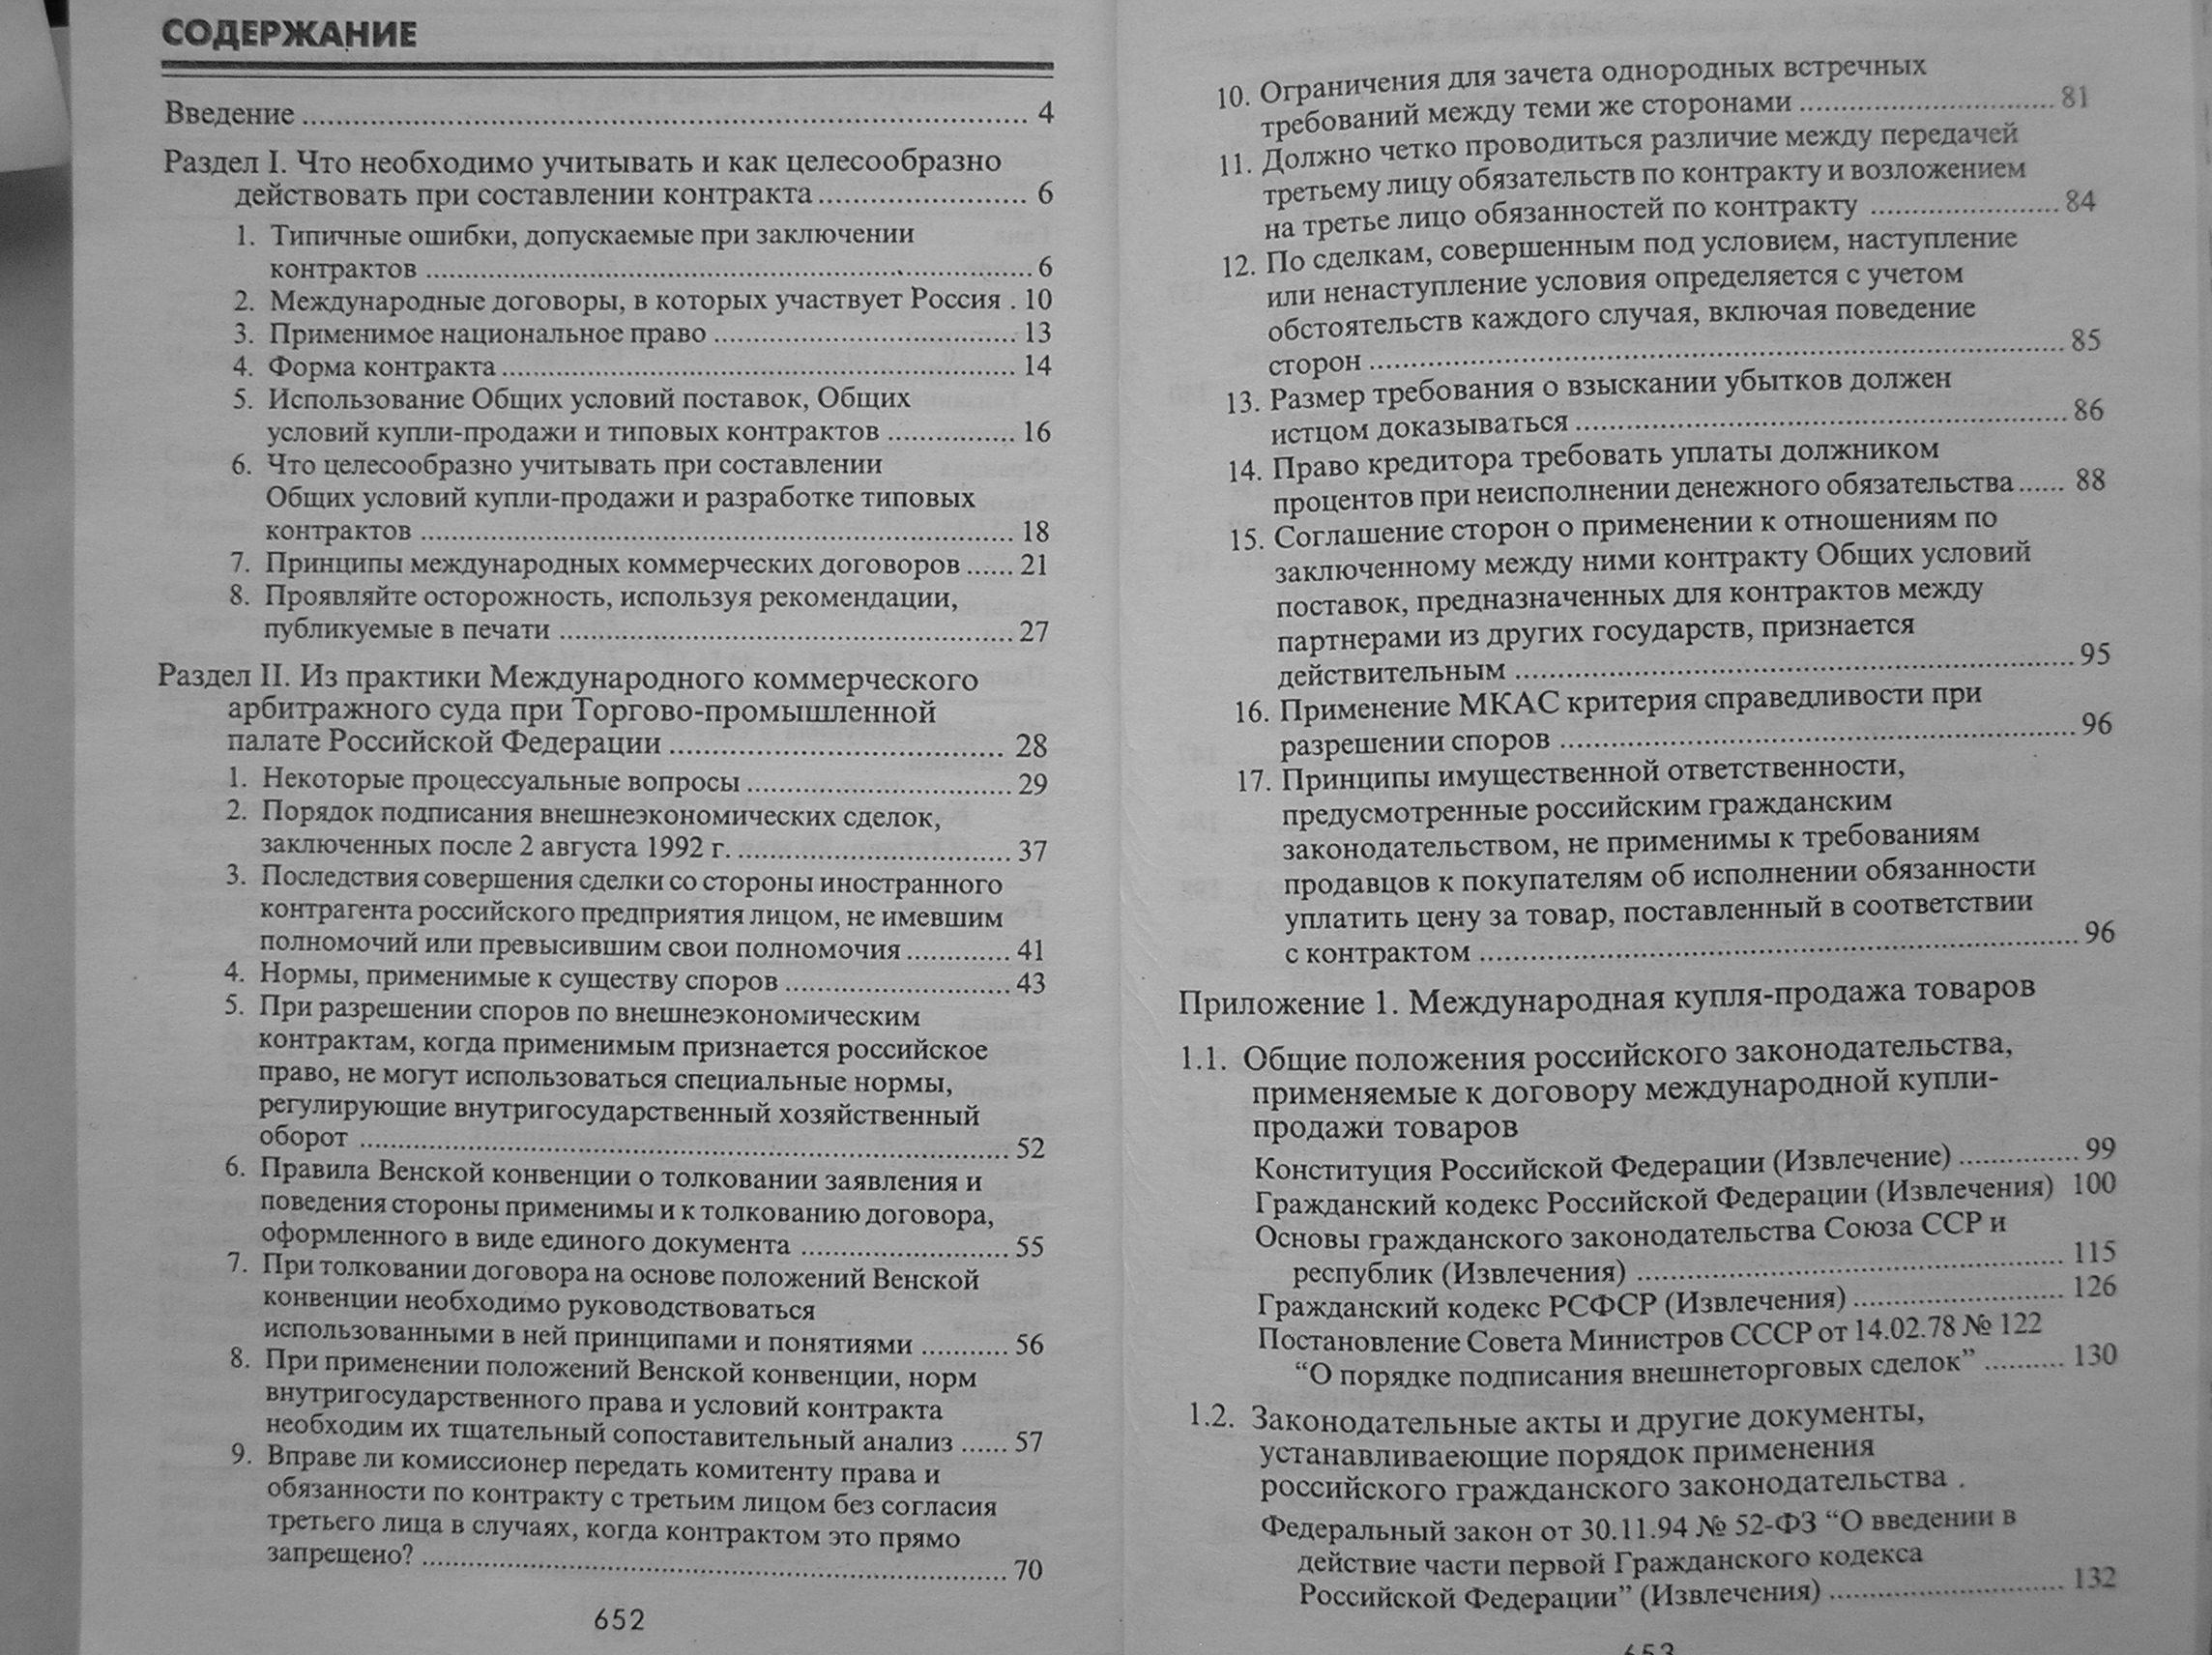 Розенберг М. Г. Контракт международной купли-продажи 13.JPG